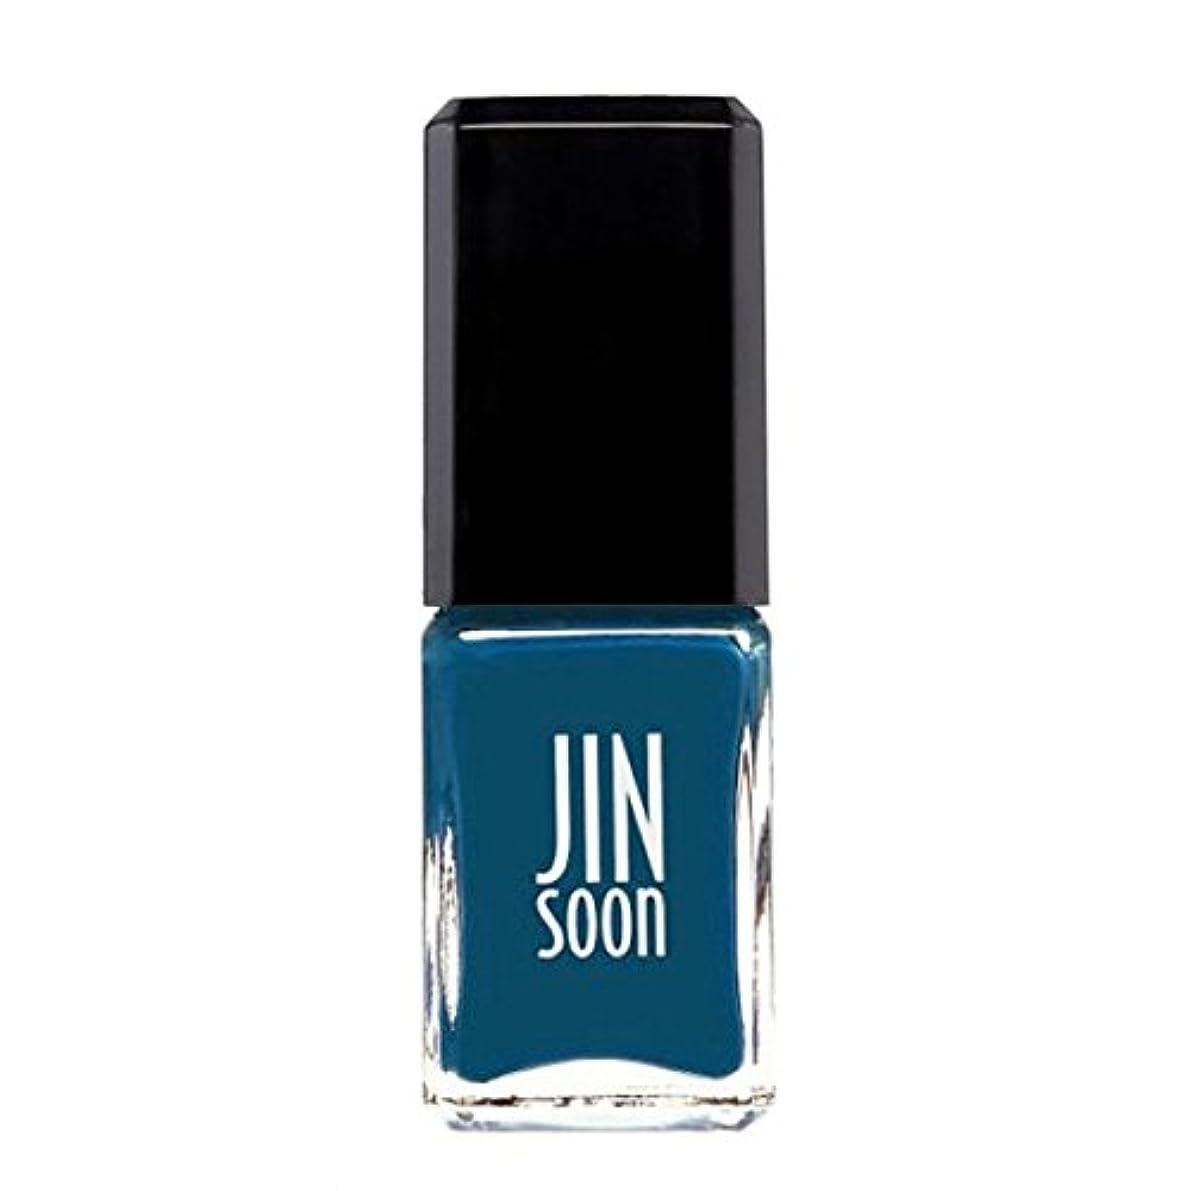 許されるプット哲学[ジンスーン] [ jinsoon] ボウ(ティールブルー) BEAU ジンスーン 5フリー ネイルポリッシュ ネイルカラー系統:ティールブルー teal blue 11mL